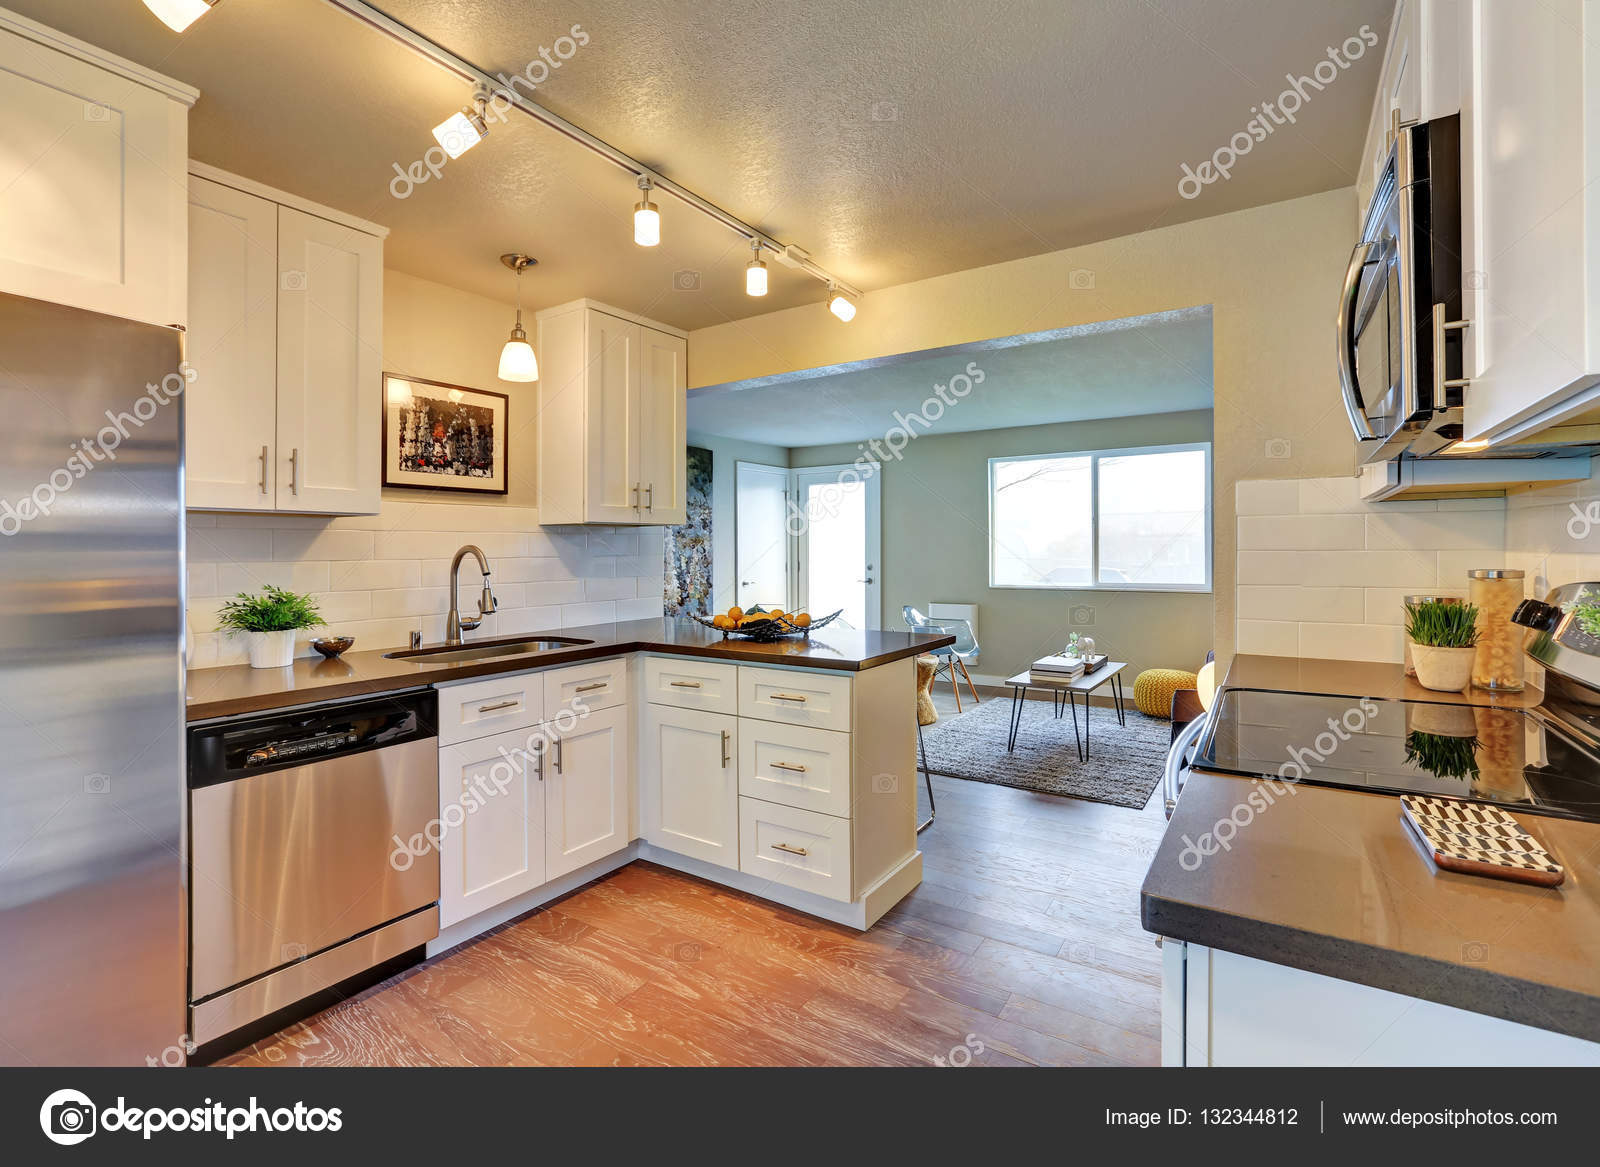 Cocina Reci N Remodelada Sala Con Muebles Blancos Fotos De Stock  # Muebles Blancos